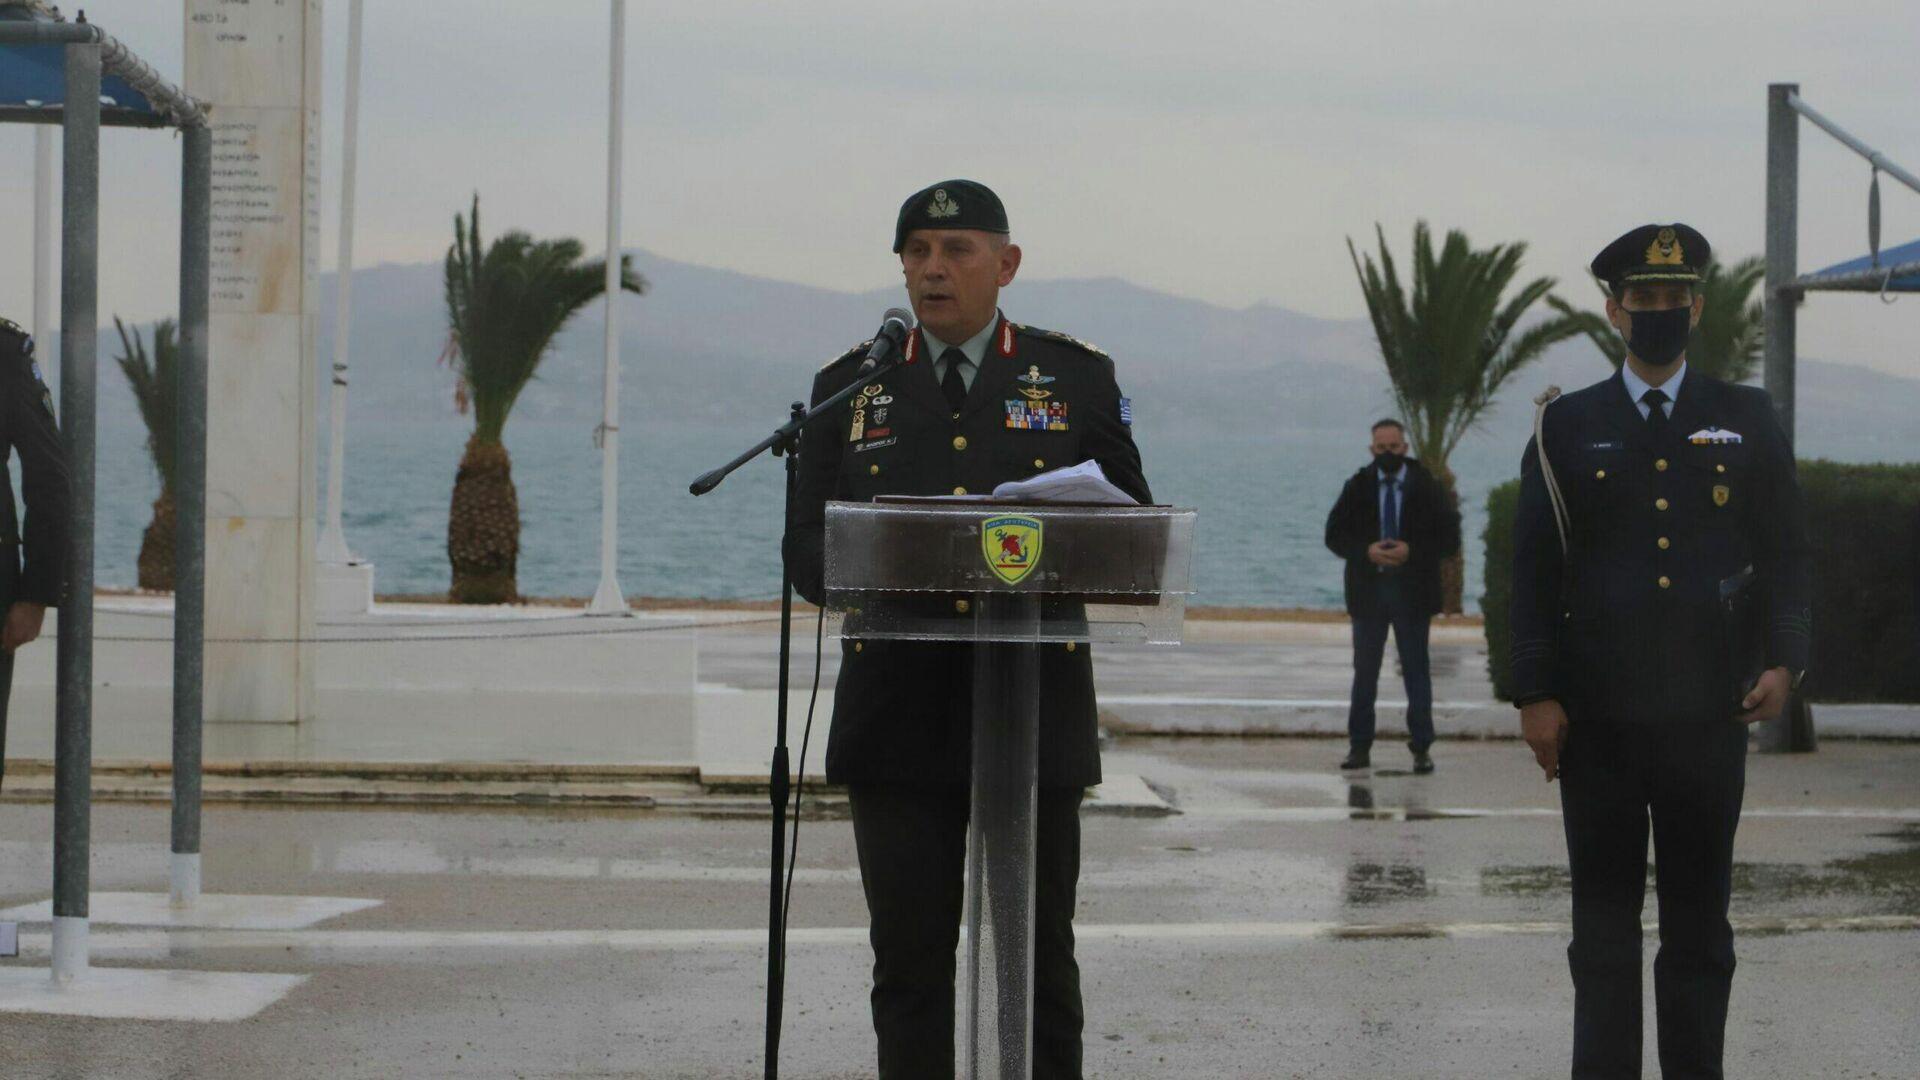 Στη βροχή στάθηκε ο Αρχηγός ΓΕΕΘΑ στην ορκωμοσία των ΕΠΟΠ - Sputnik Ελλάδα, 1920, 11.10.2021